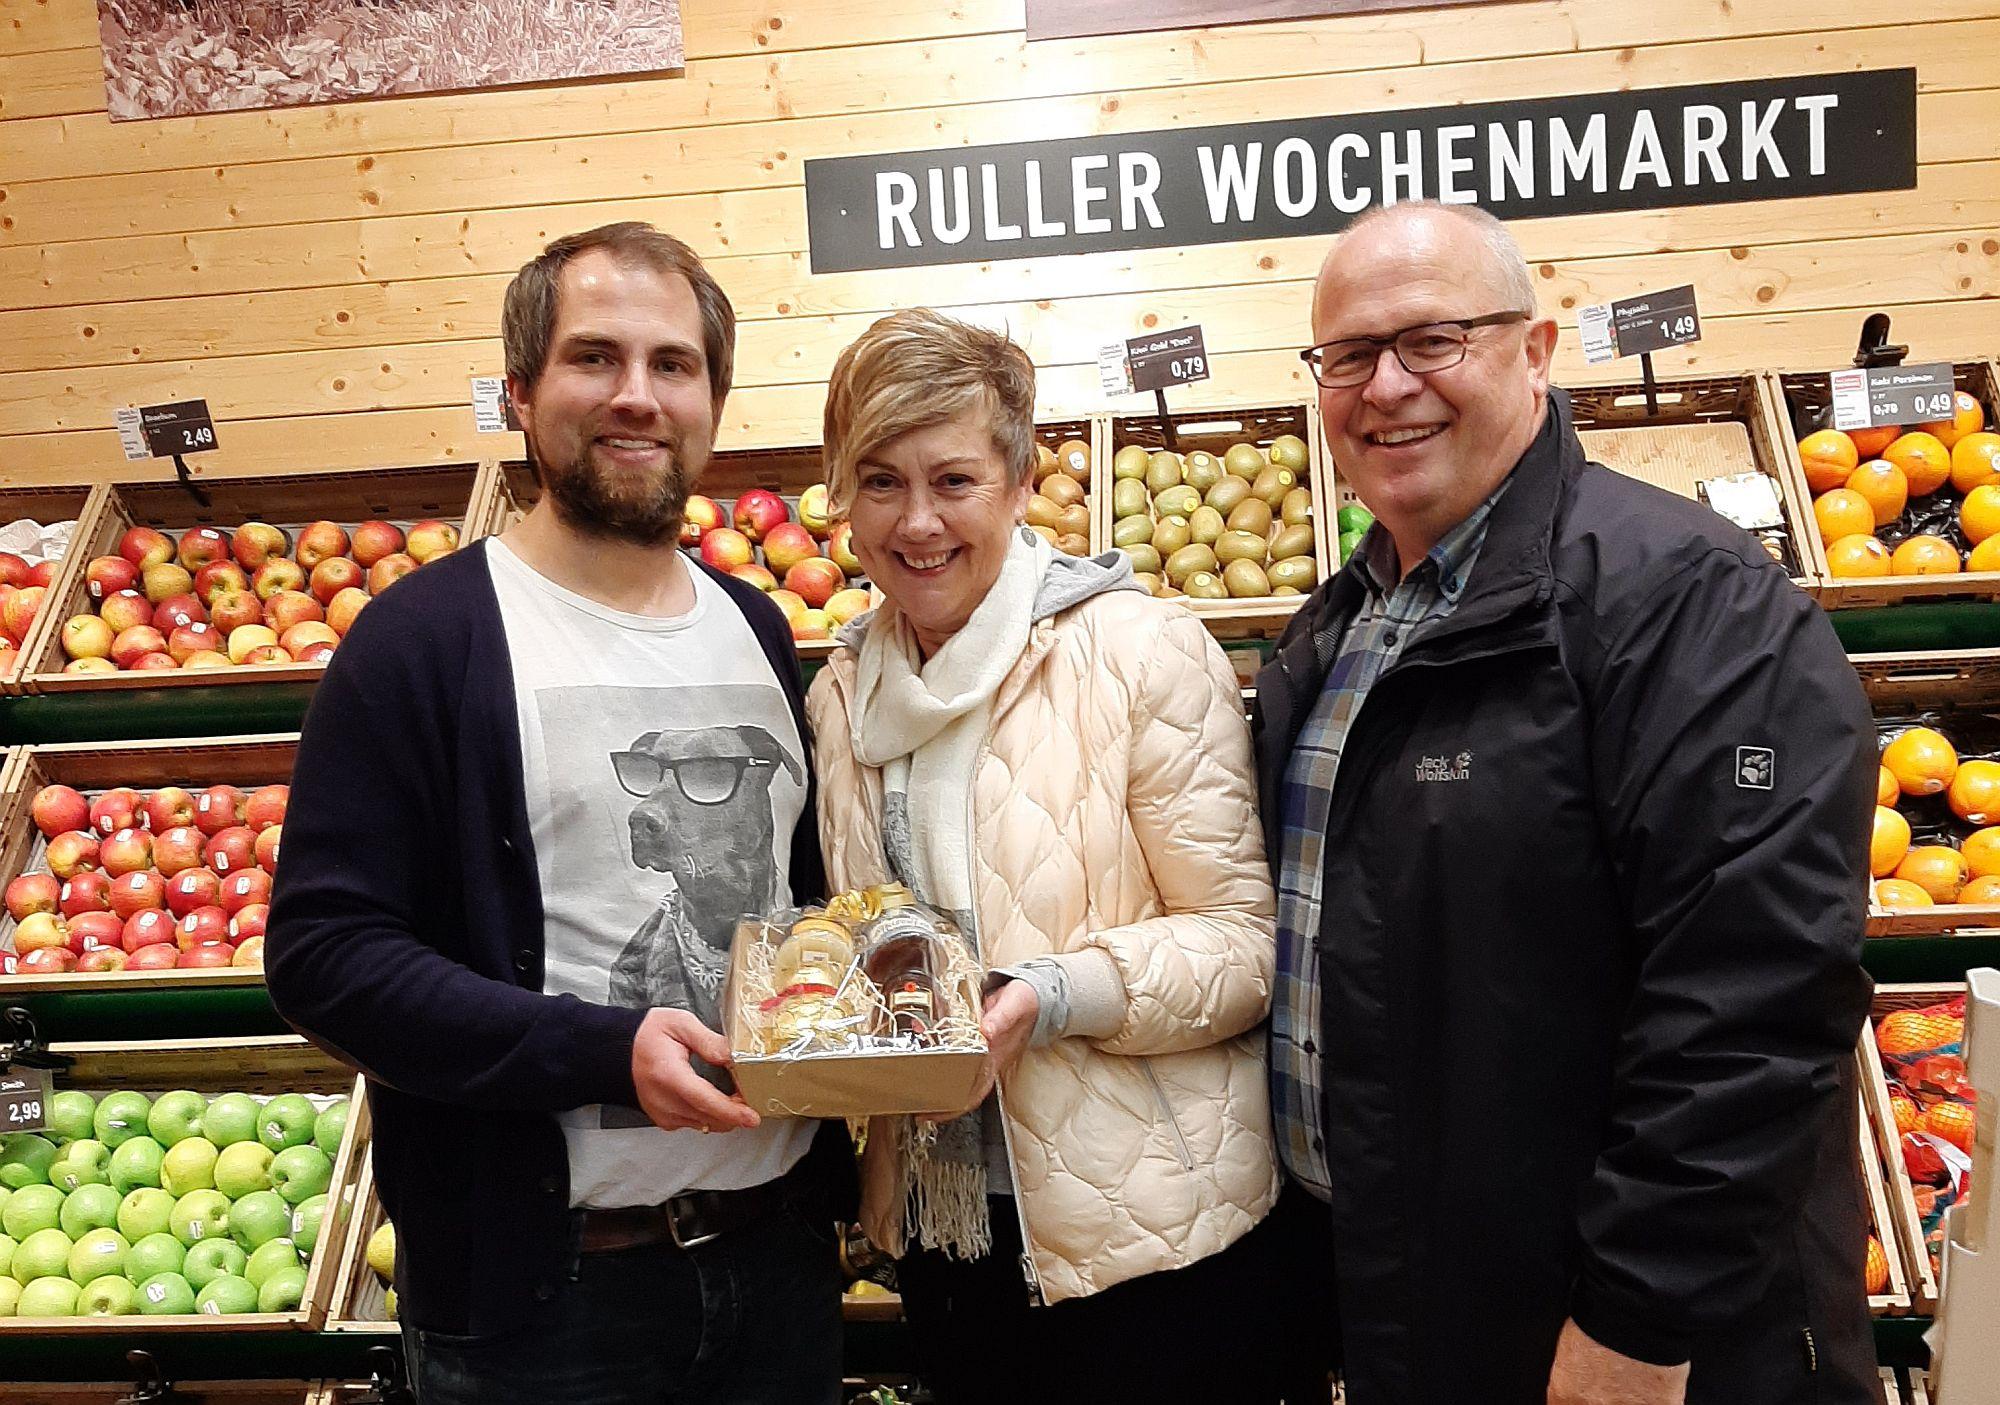 Präsentkorb vom langjährigen Partner Markant Glissmann in Rulle: (v.l.) Inhaber Jens Wechsler freut sich mit Dorothea Hähnel und Jürgen Fluhr über das 300. Mitglied.